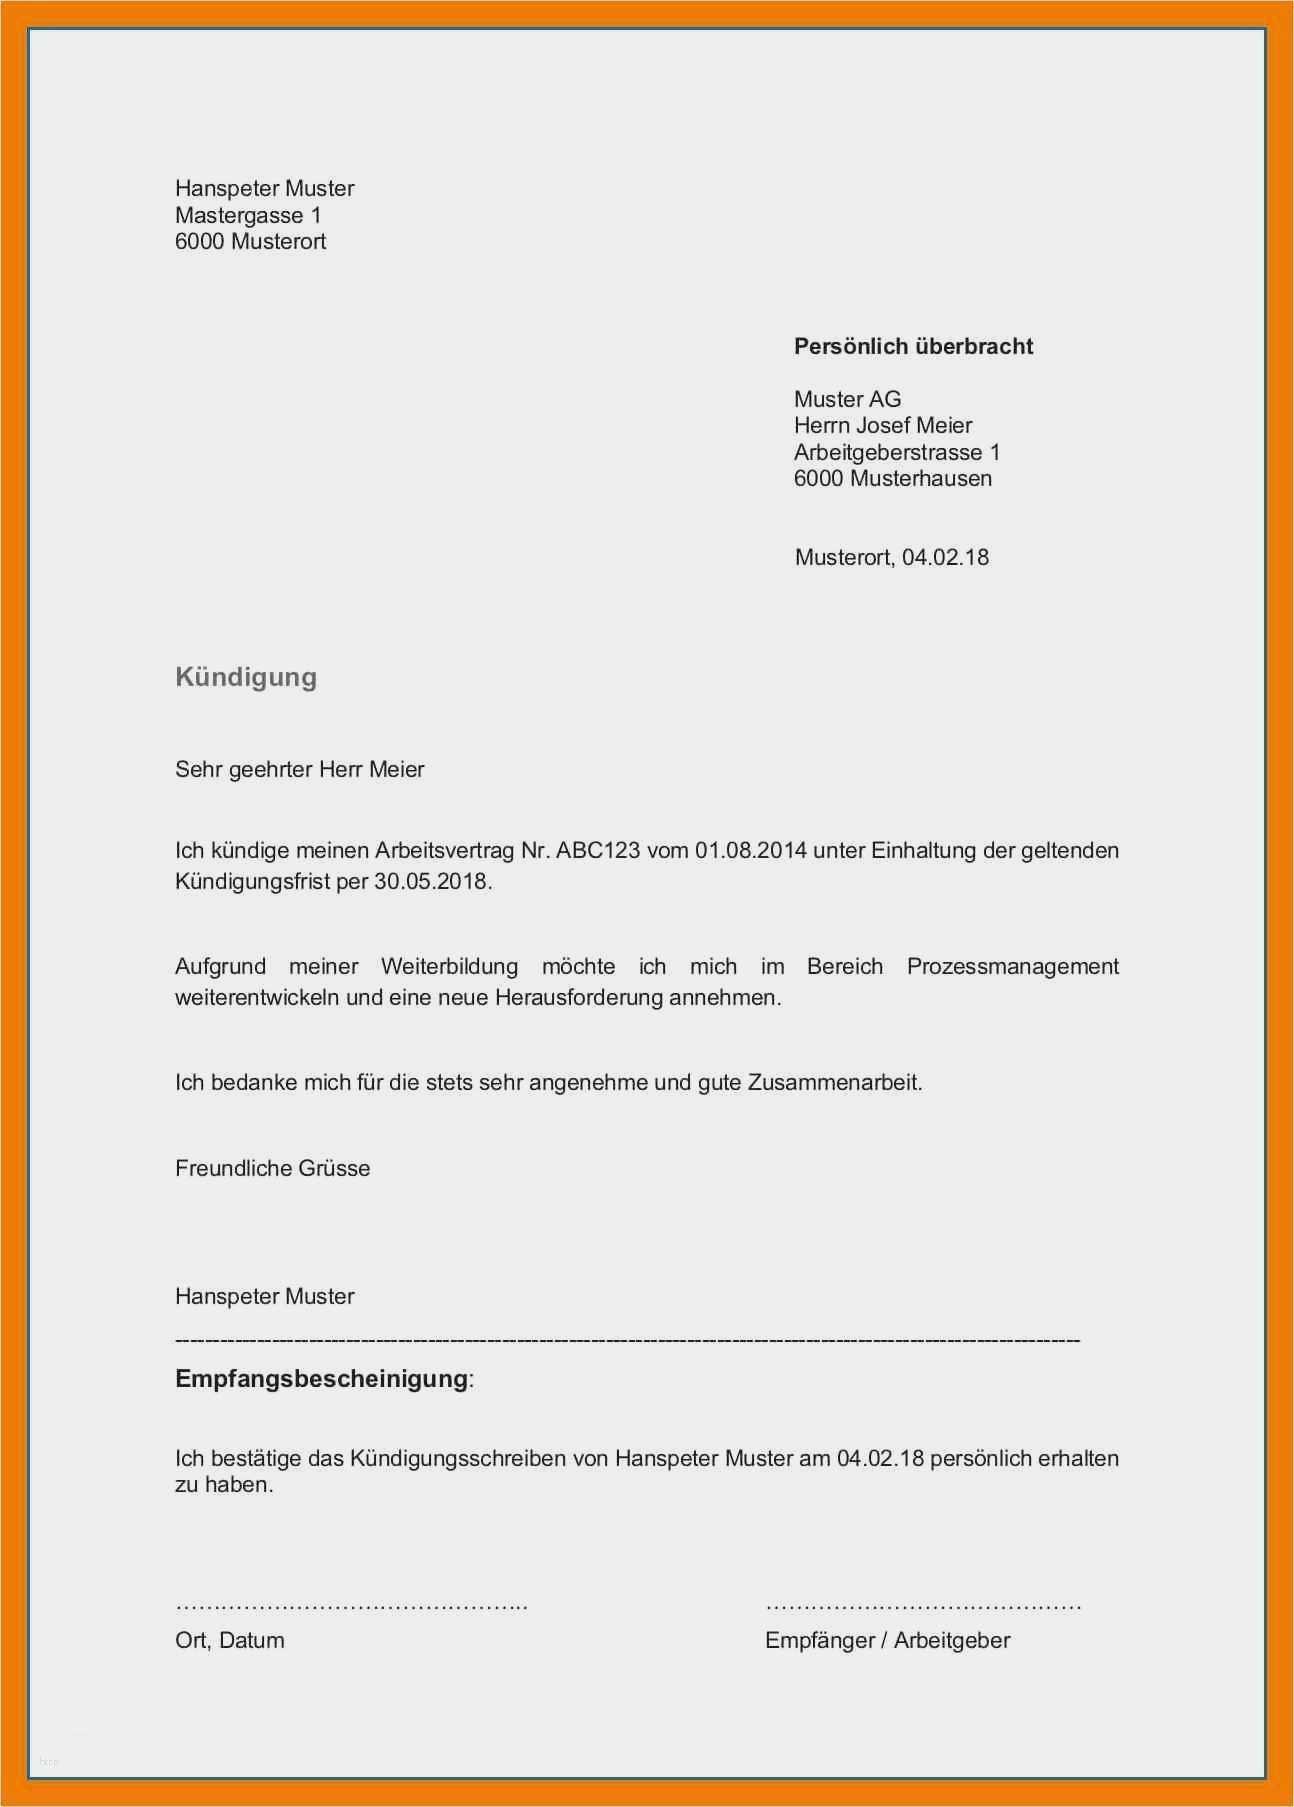 39 Beste Vorlage Briefbogen Ideen Kundigung Arbeitsvertrag Vorlage Kundigung Arbeitsvertrag Kundigung Schreiben